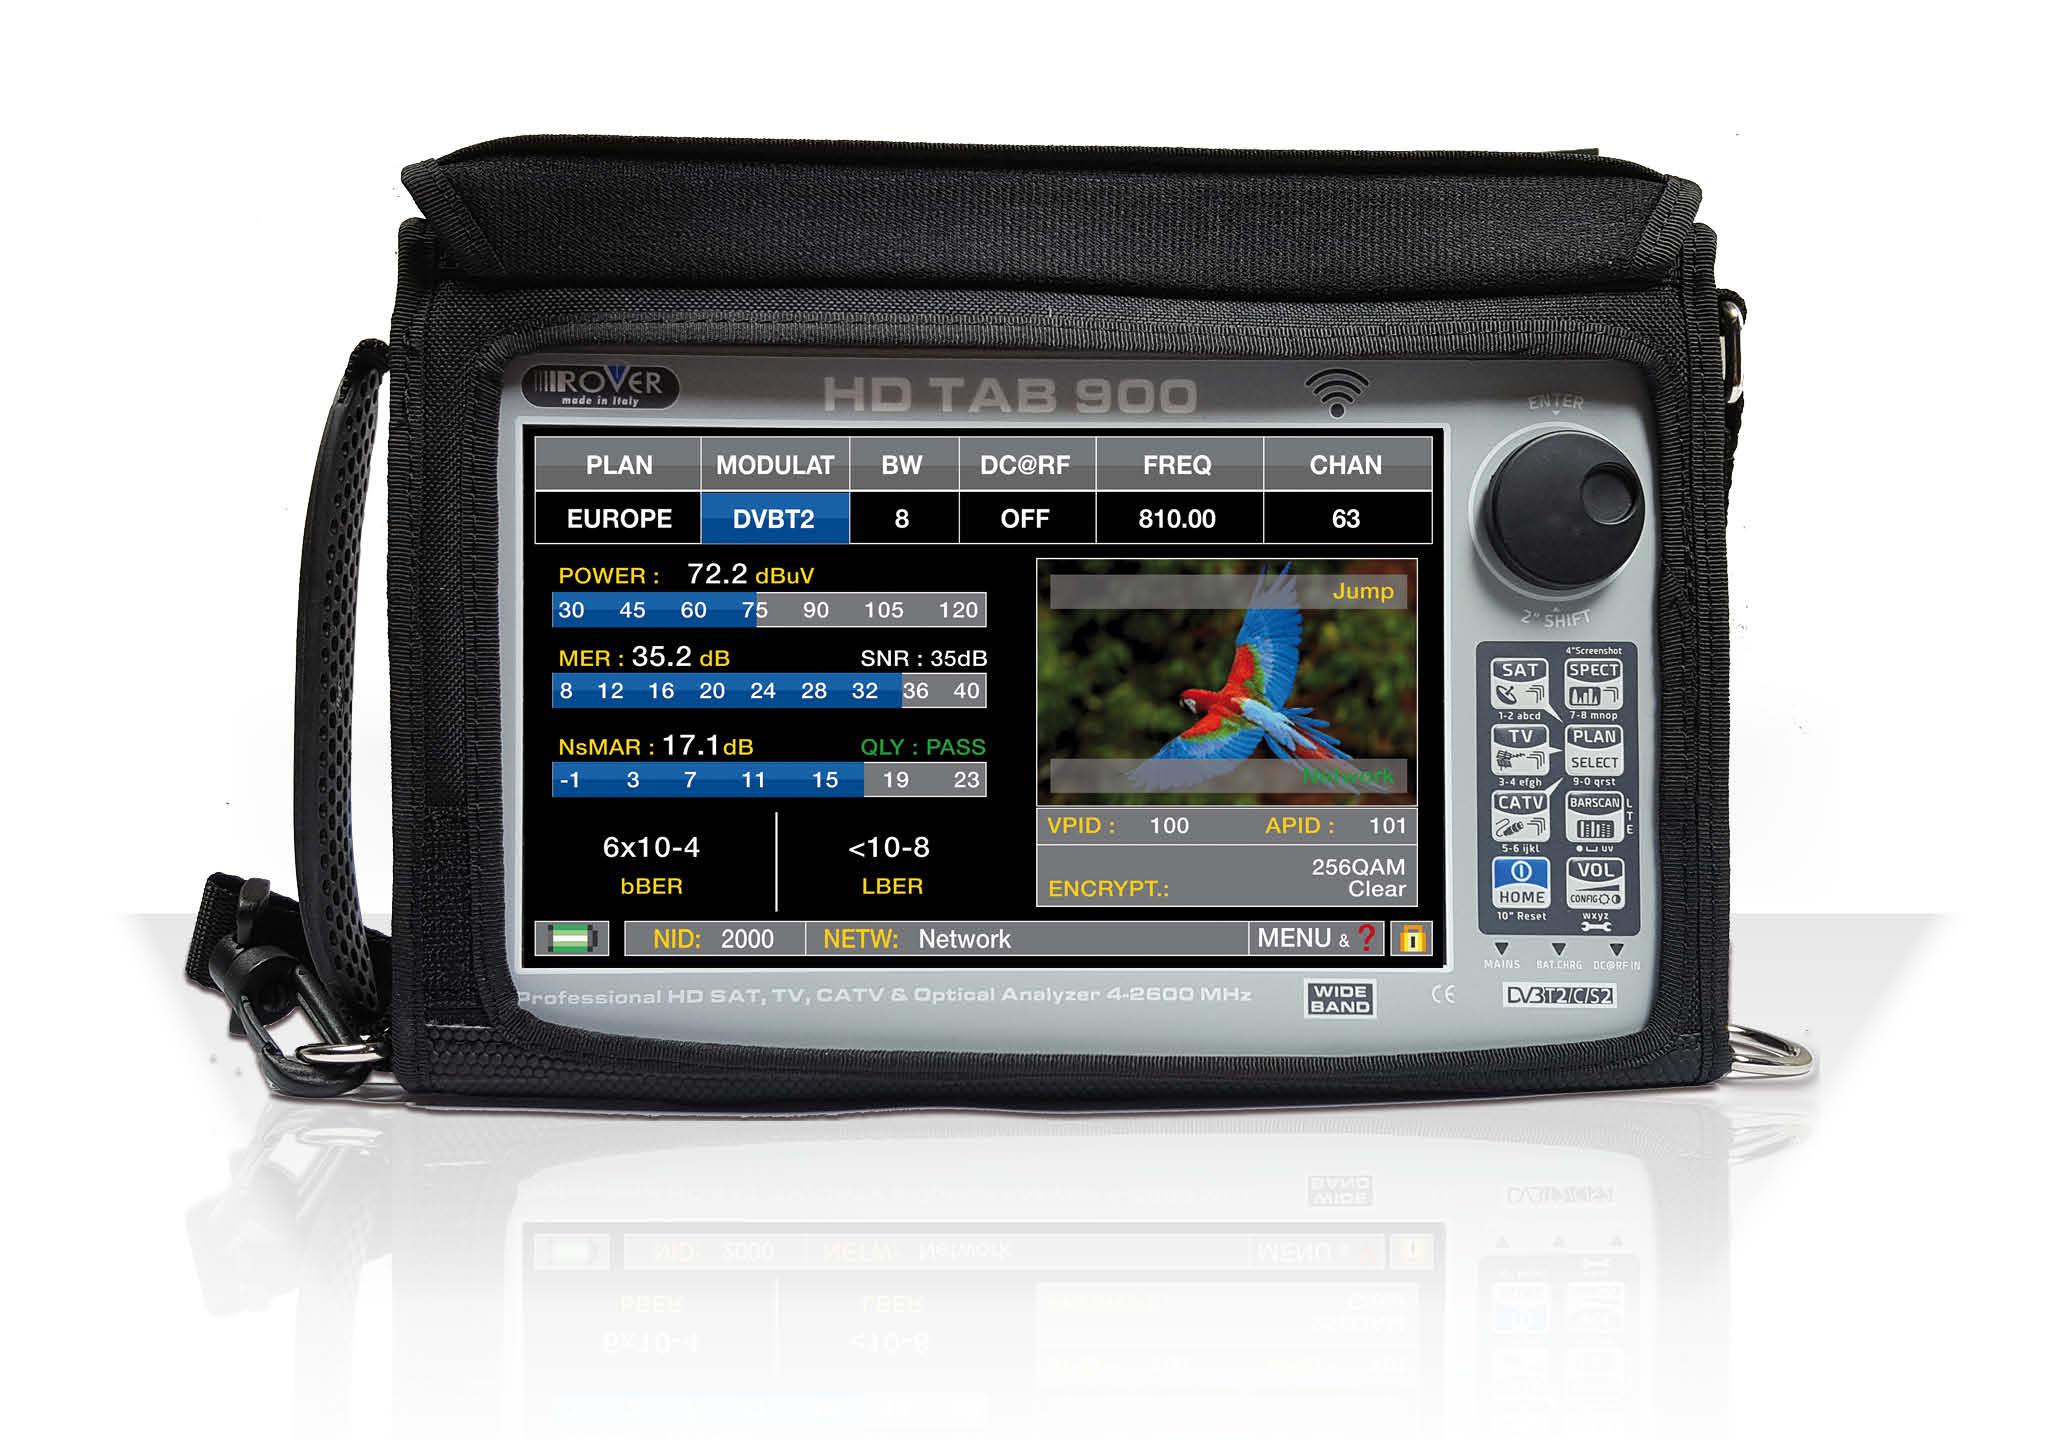 ROVER-HD-TAB-900-Plus2